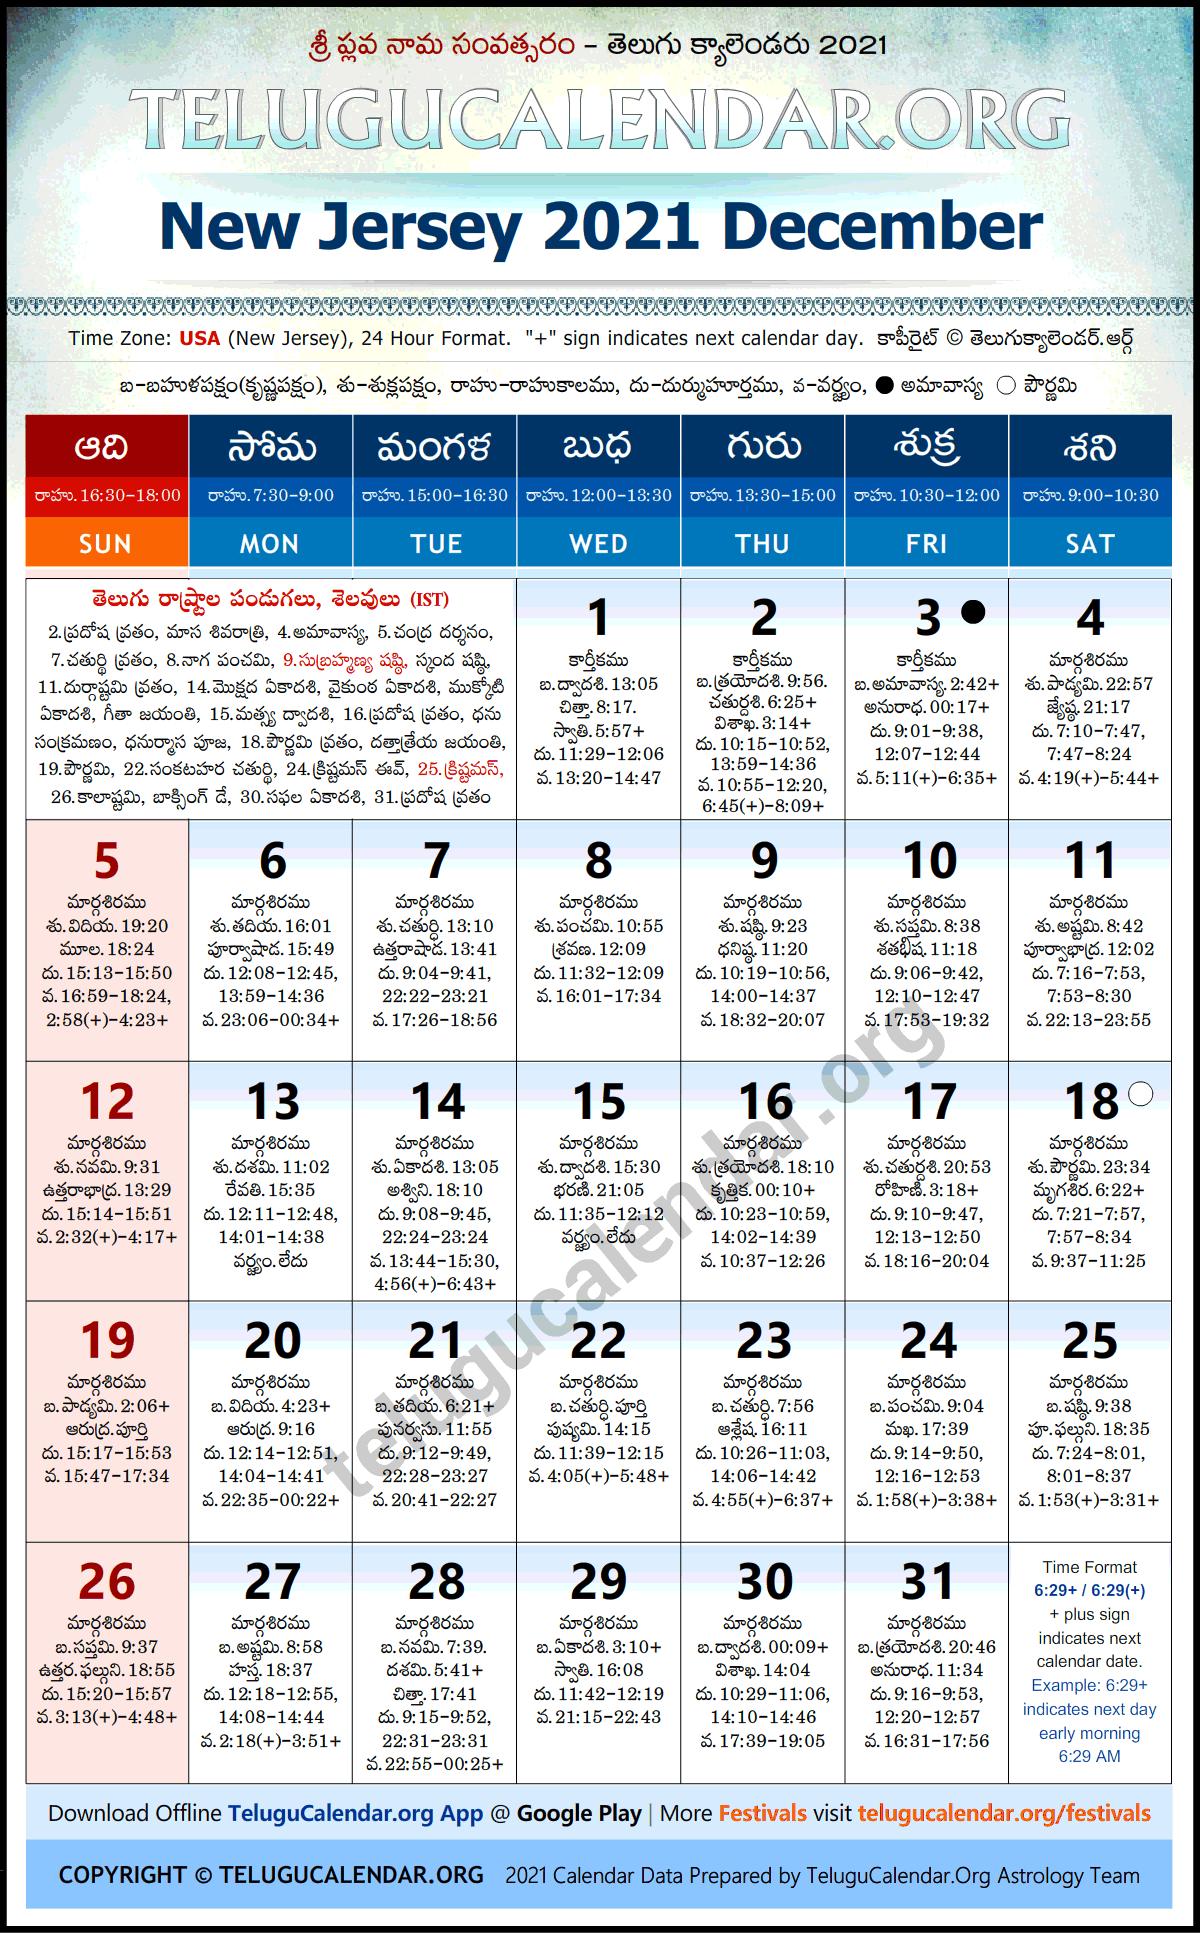 New Jersey Telugu Calendar 2022.New Jersey 2021 December Telugu Calendar Festivals Holidays